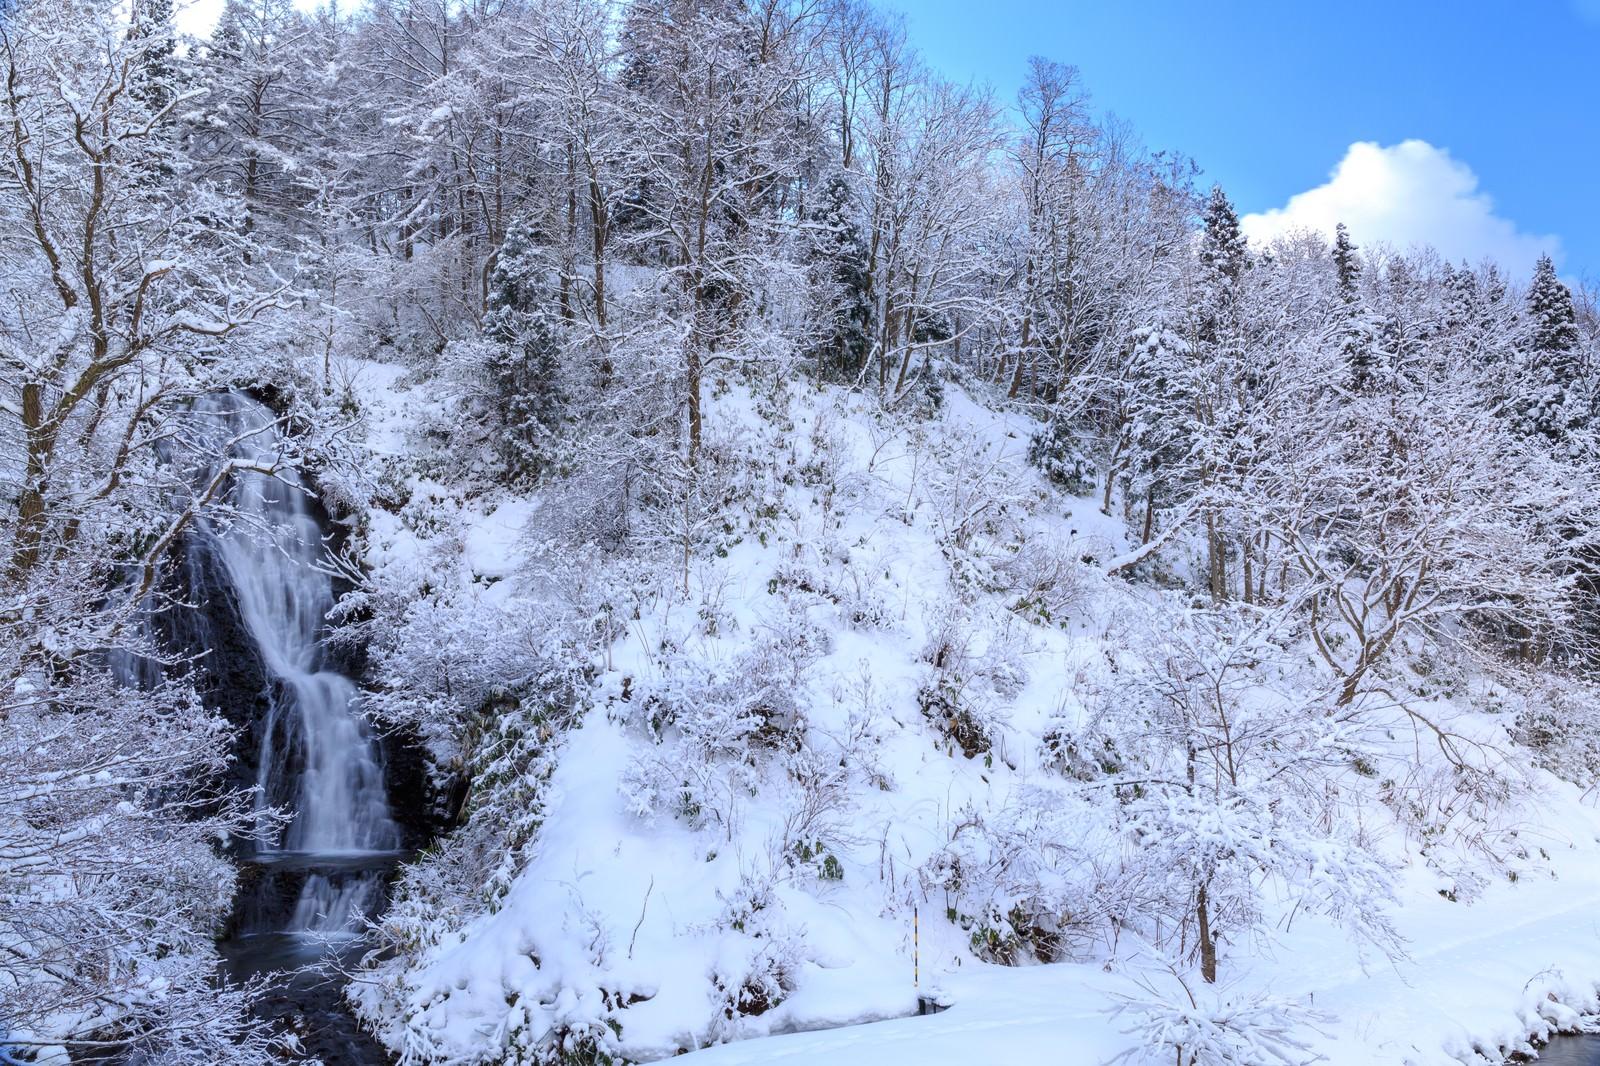 「滝百選の秋田小坂町の七滝 | 写真の無料素材・フリー素材 - ぱくたそ」の写真